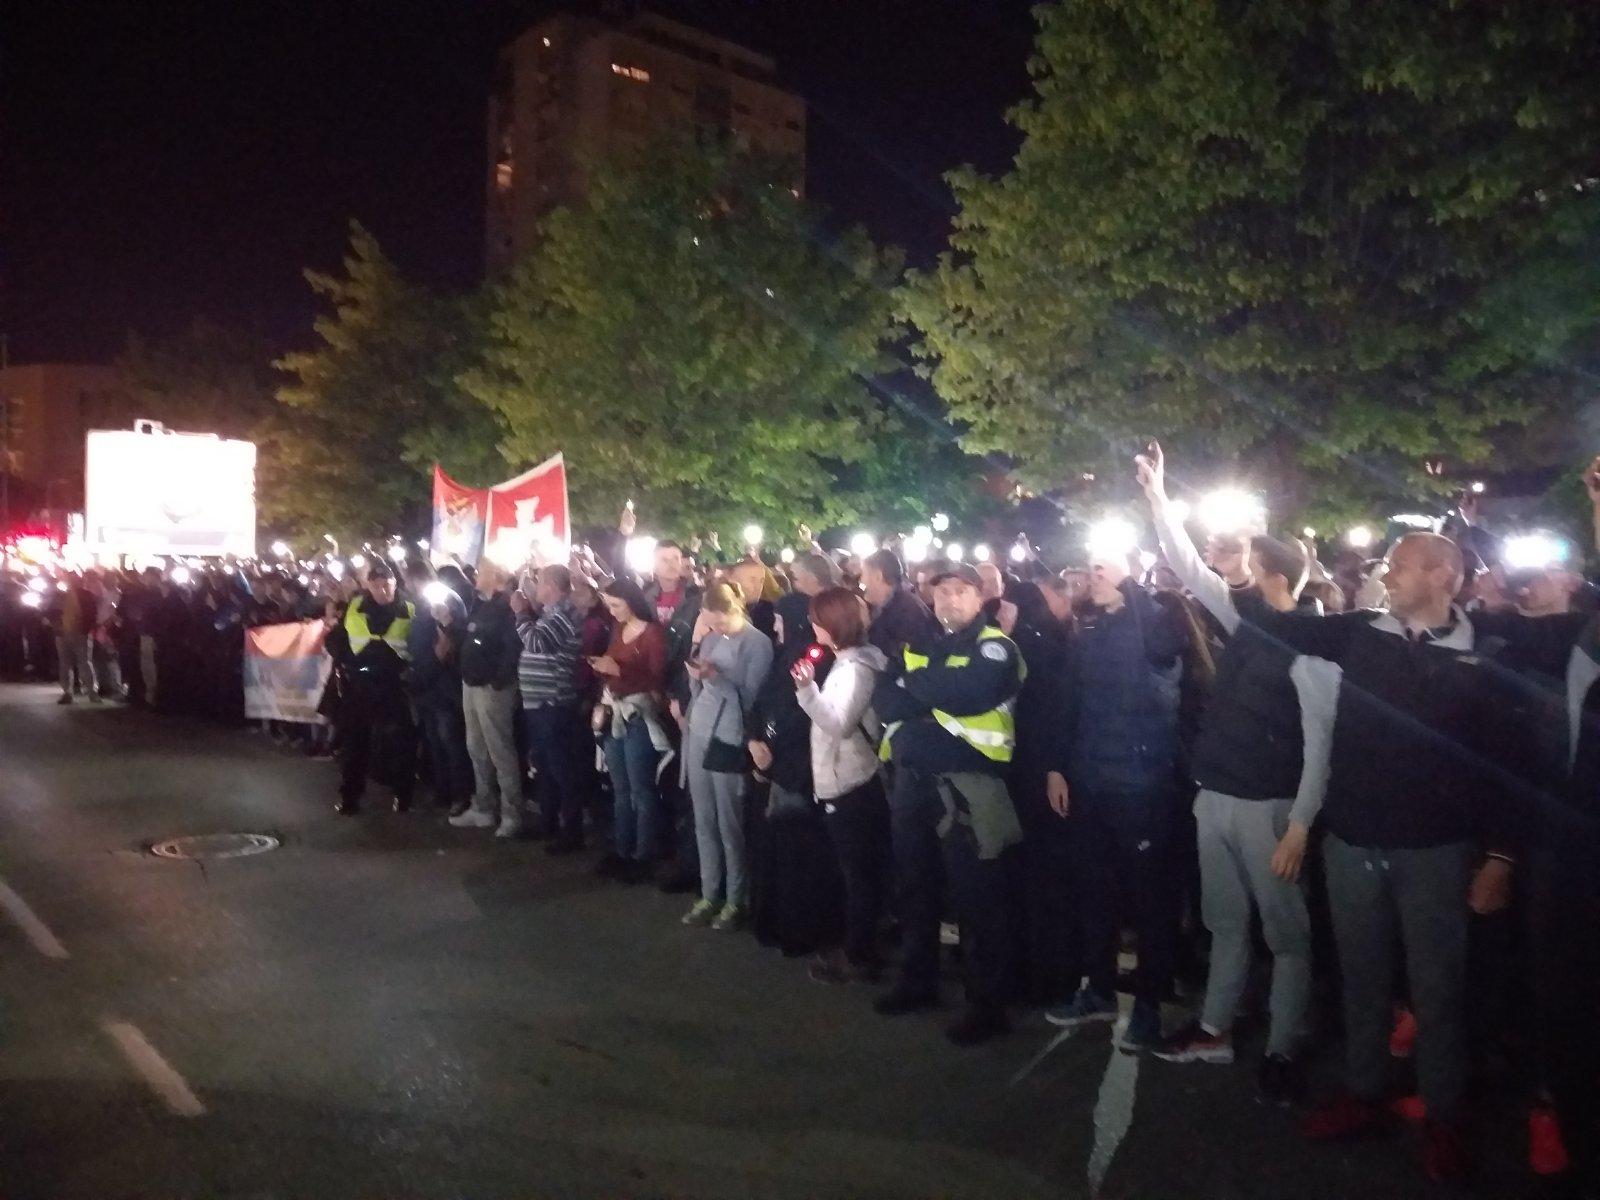 Građani mobilnim telefonima osvjetljavaju dio ulice Nikole Tesle u Nikšiću